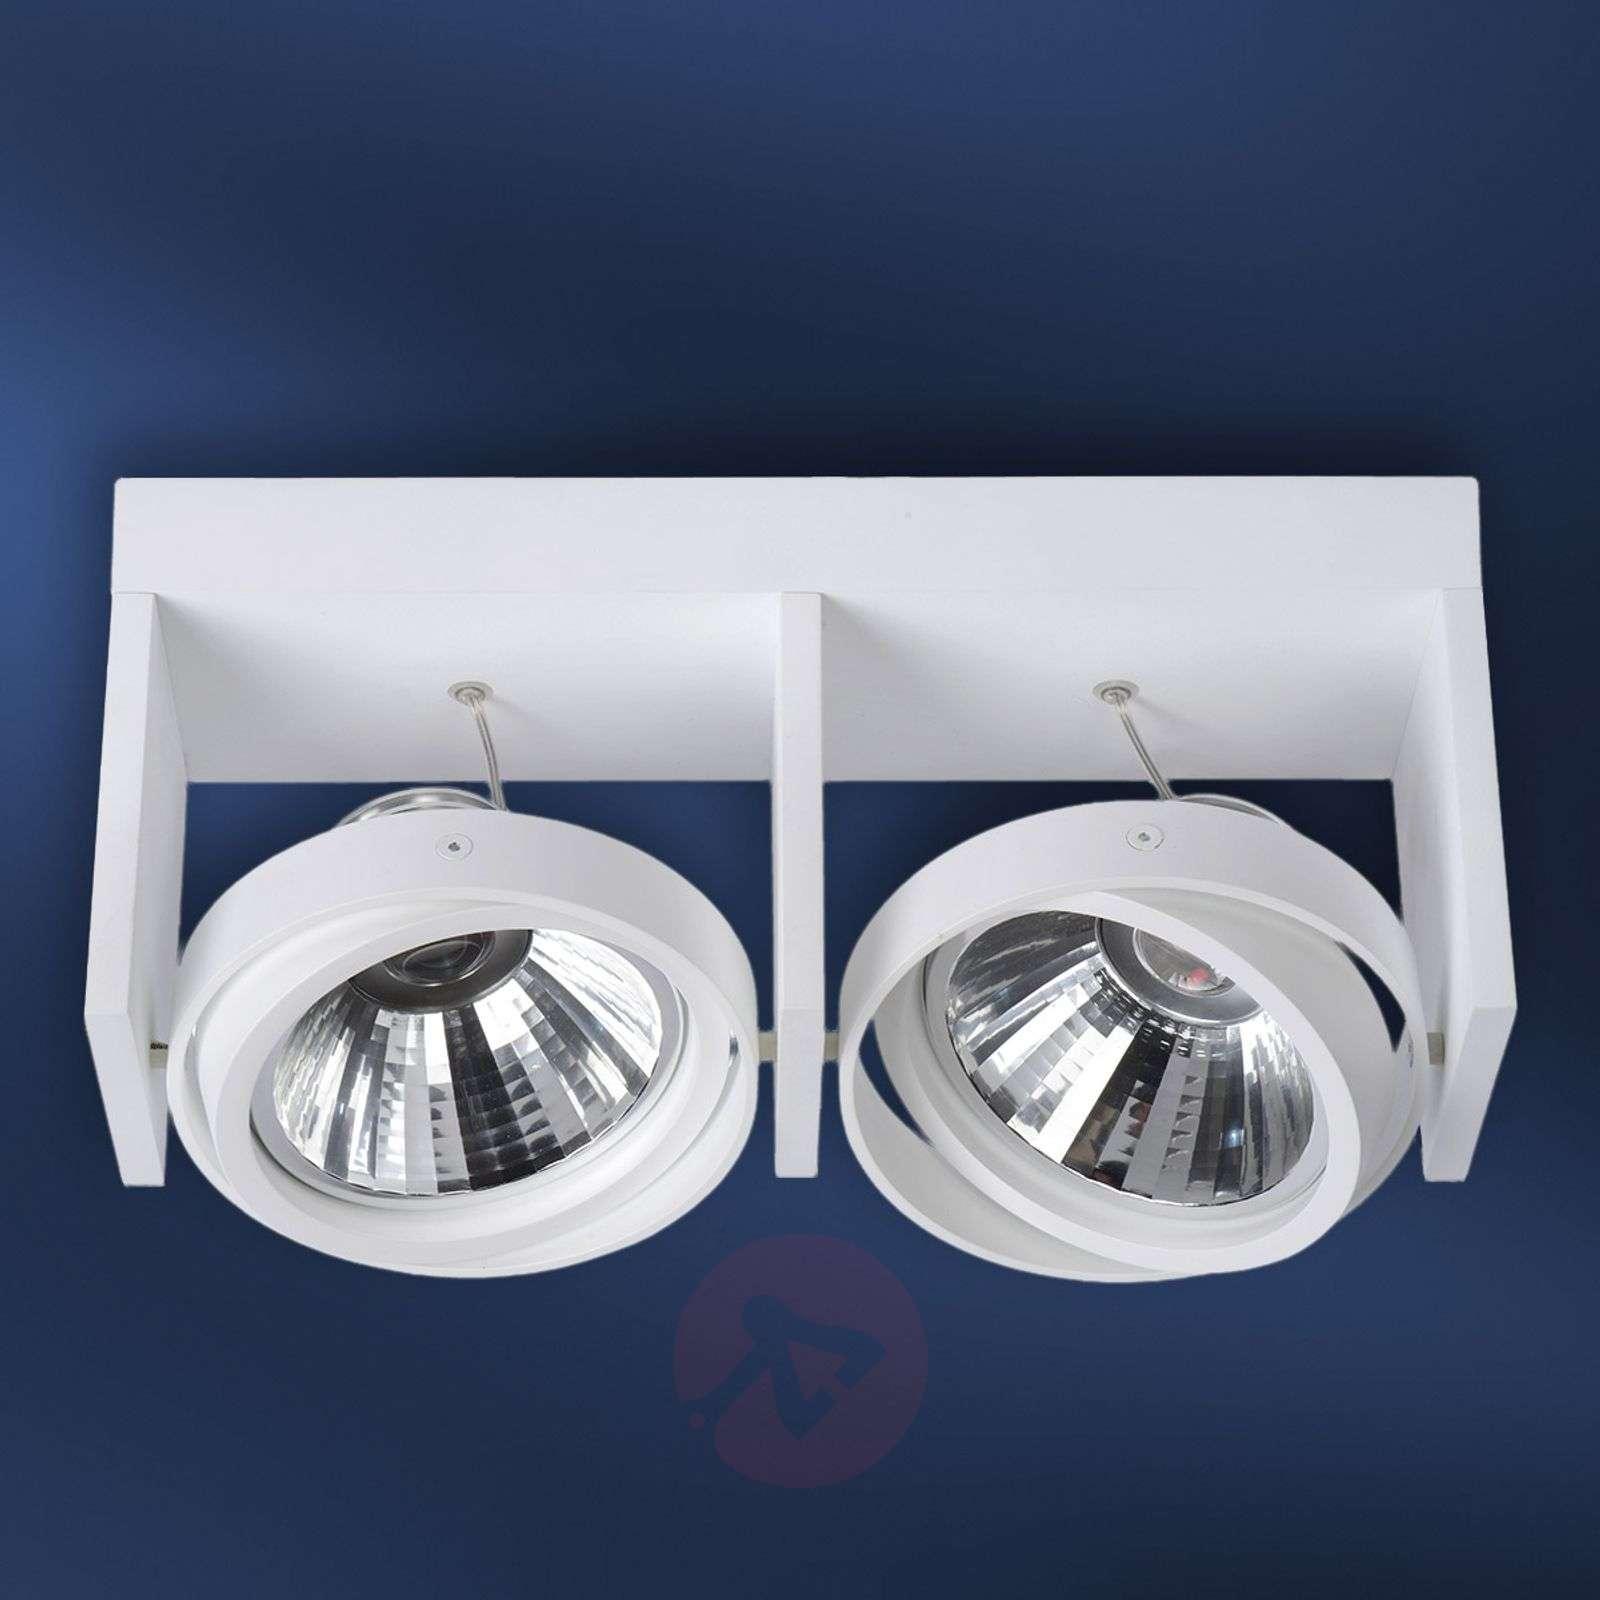 LED-kattokohdevalo Zett valkoinen alumiini-6054962-01